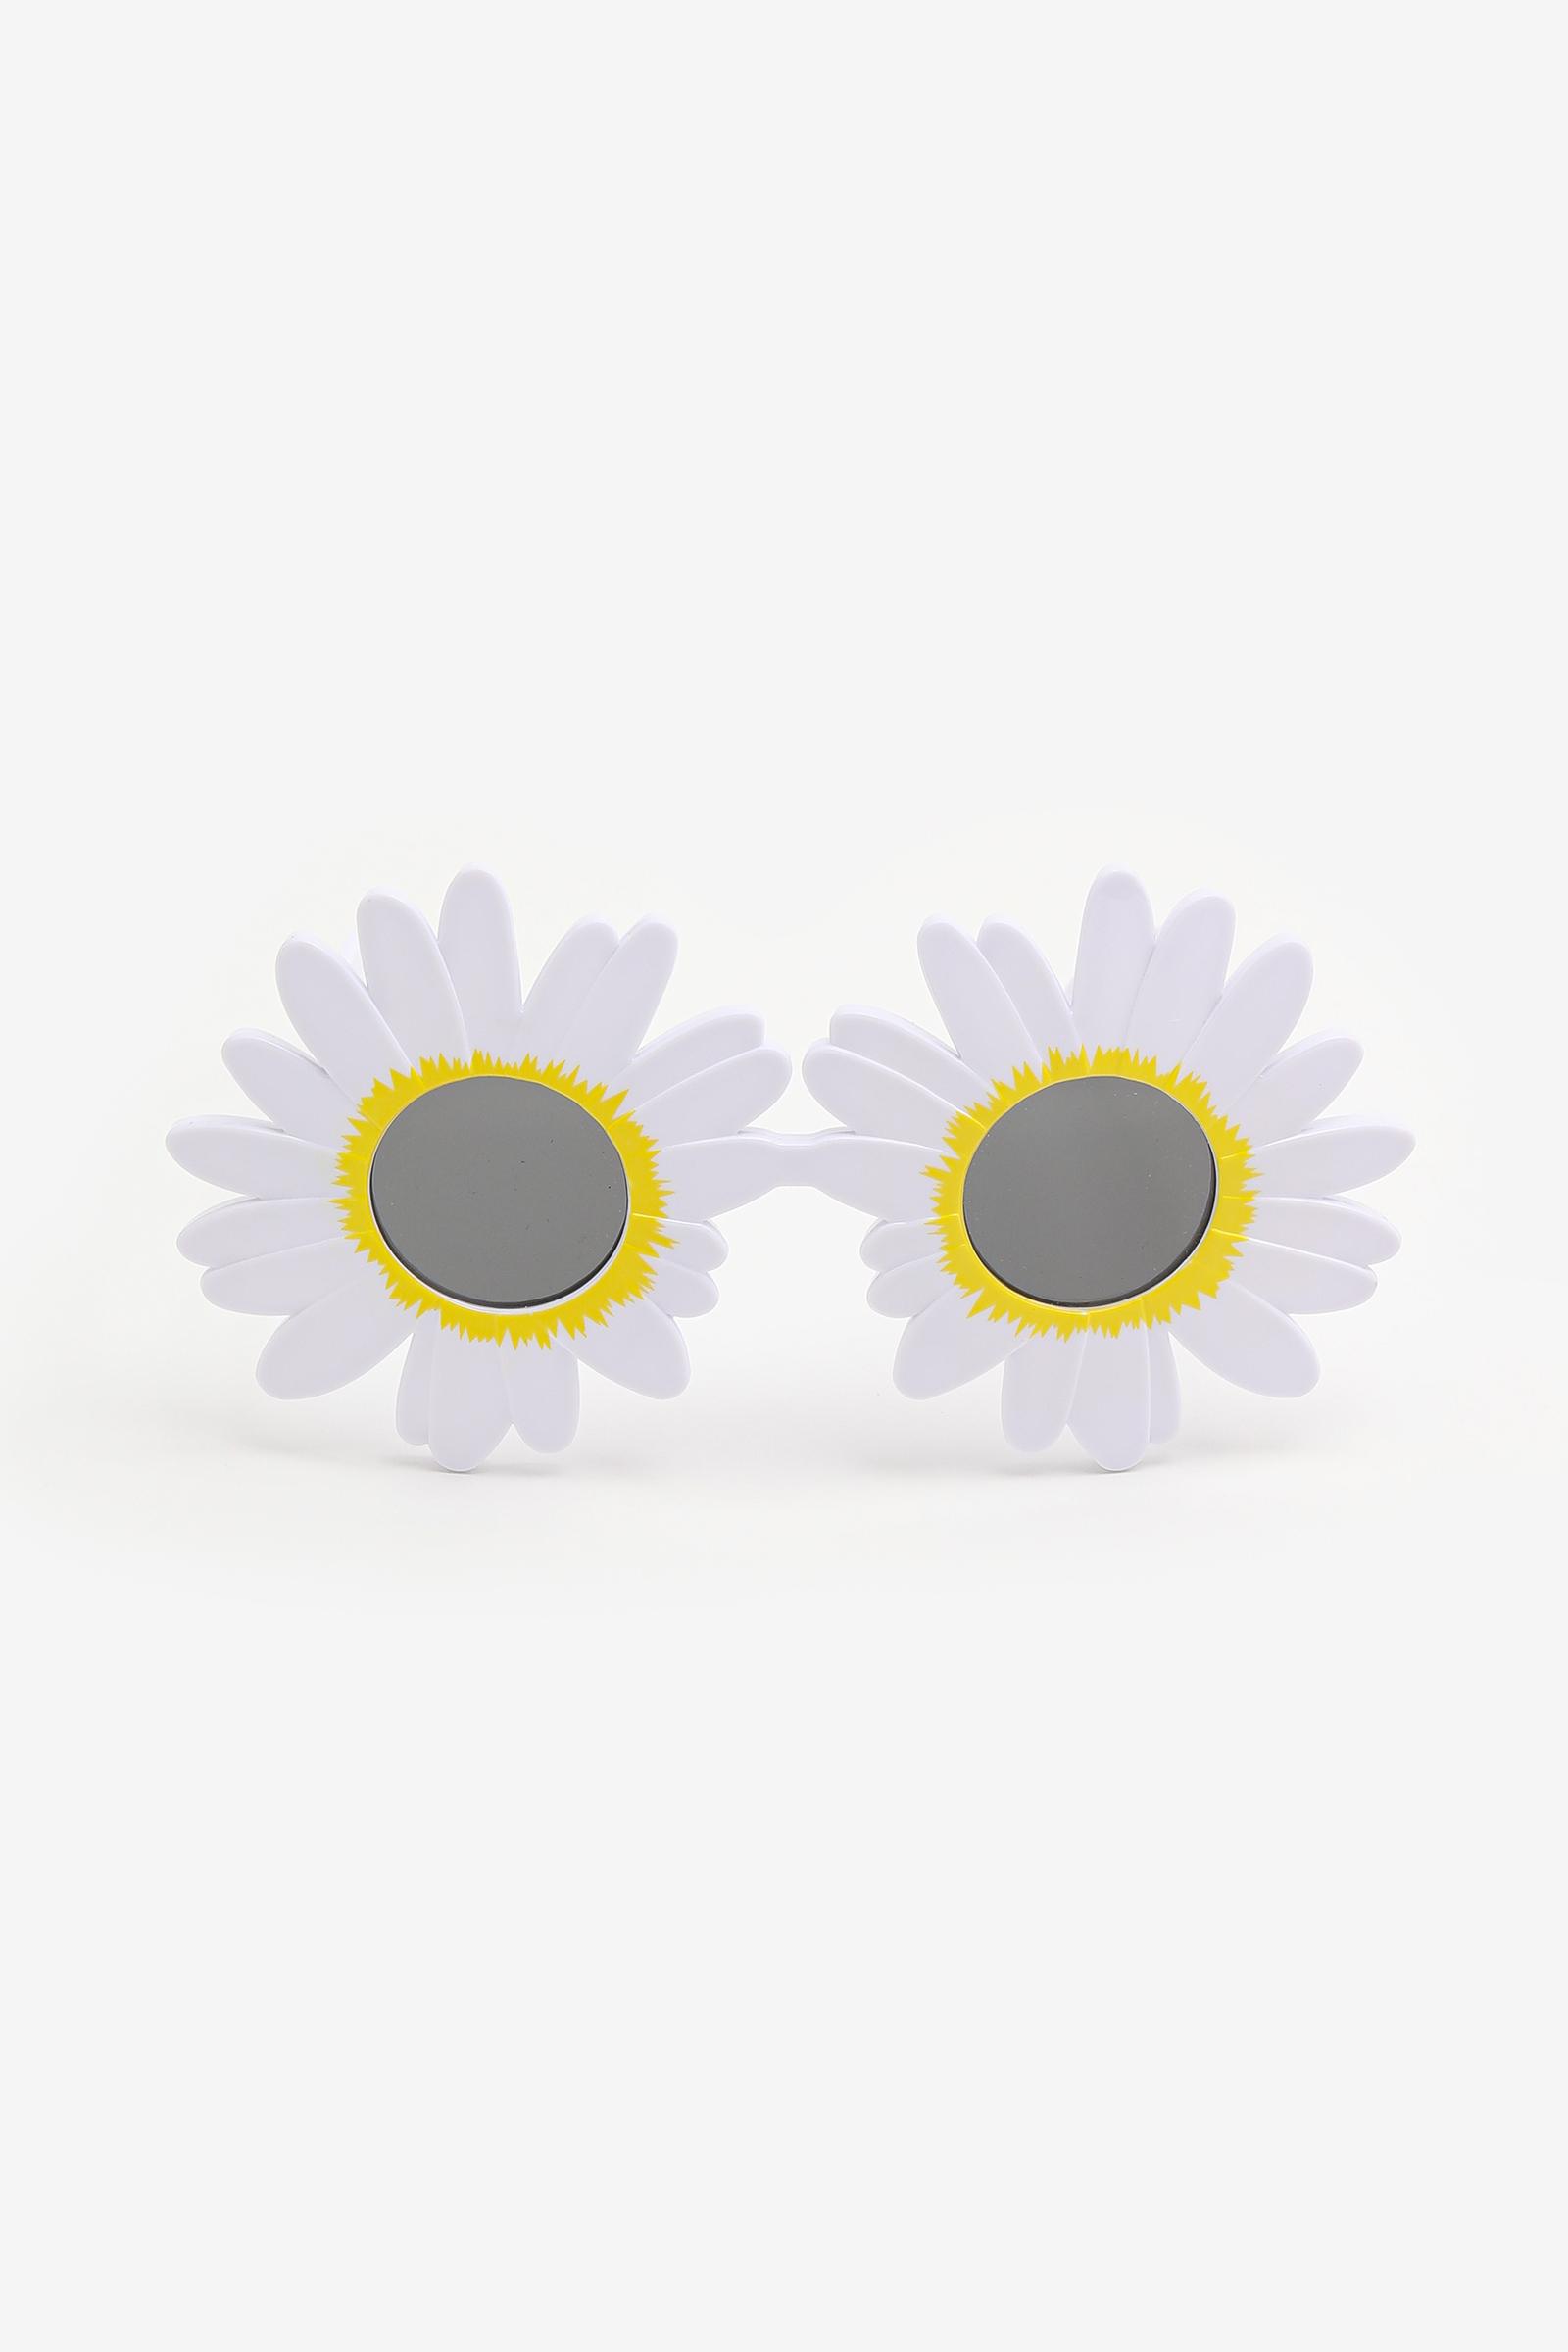 Lunettes soleil en fleur pour enfants